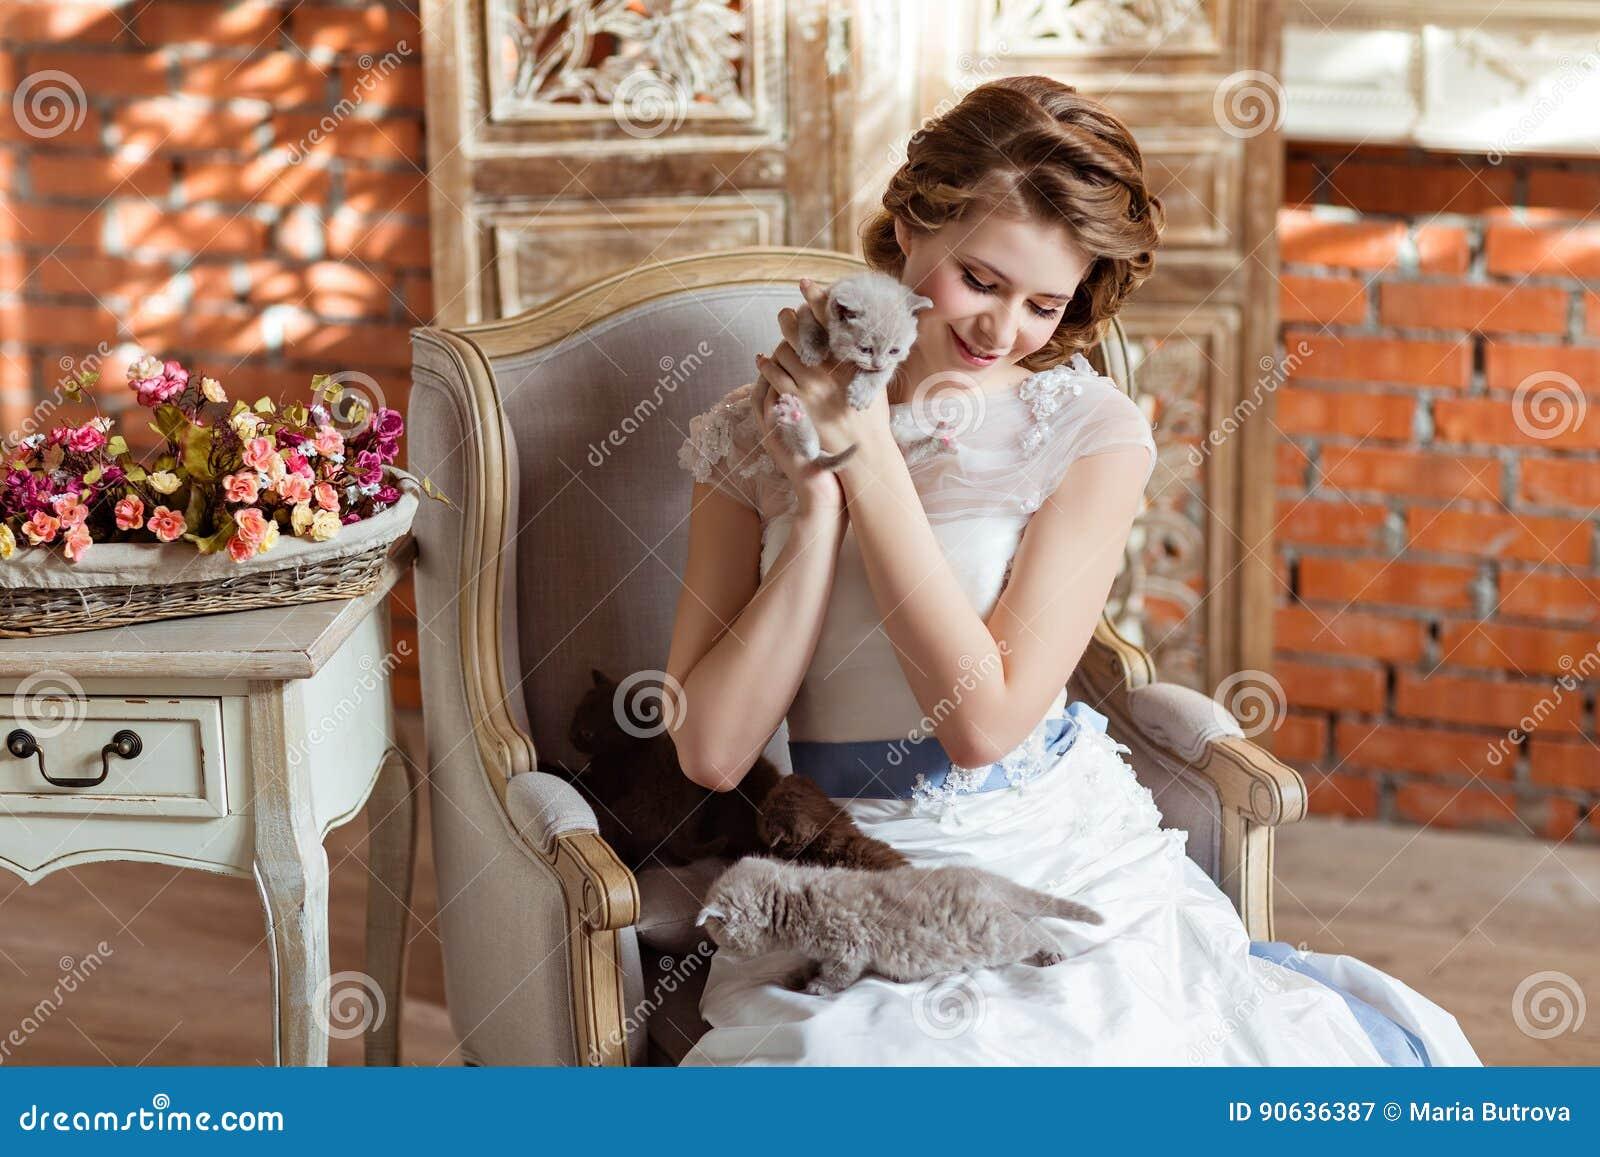 В белом платье на кресле